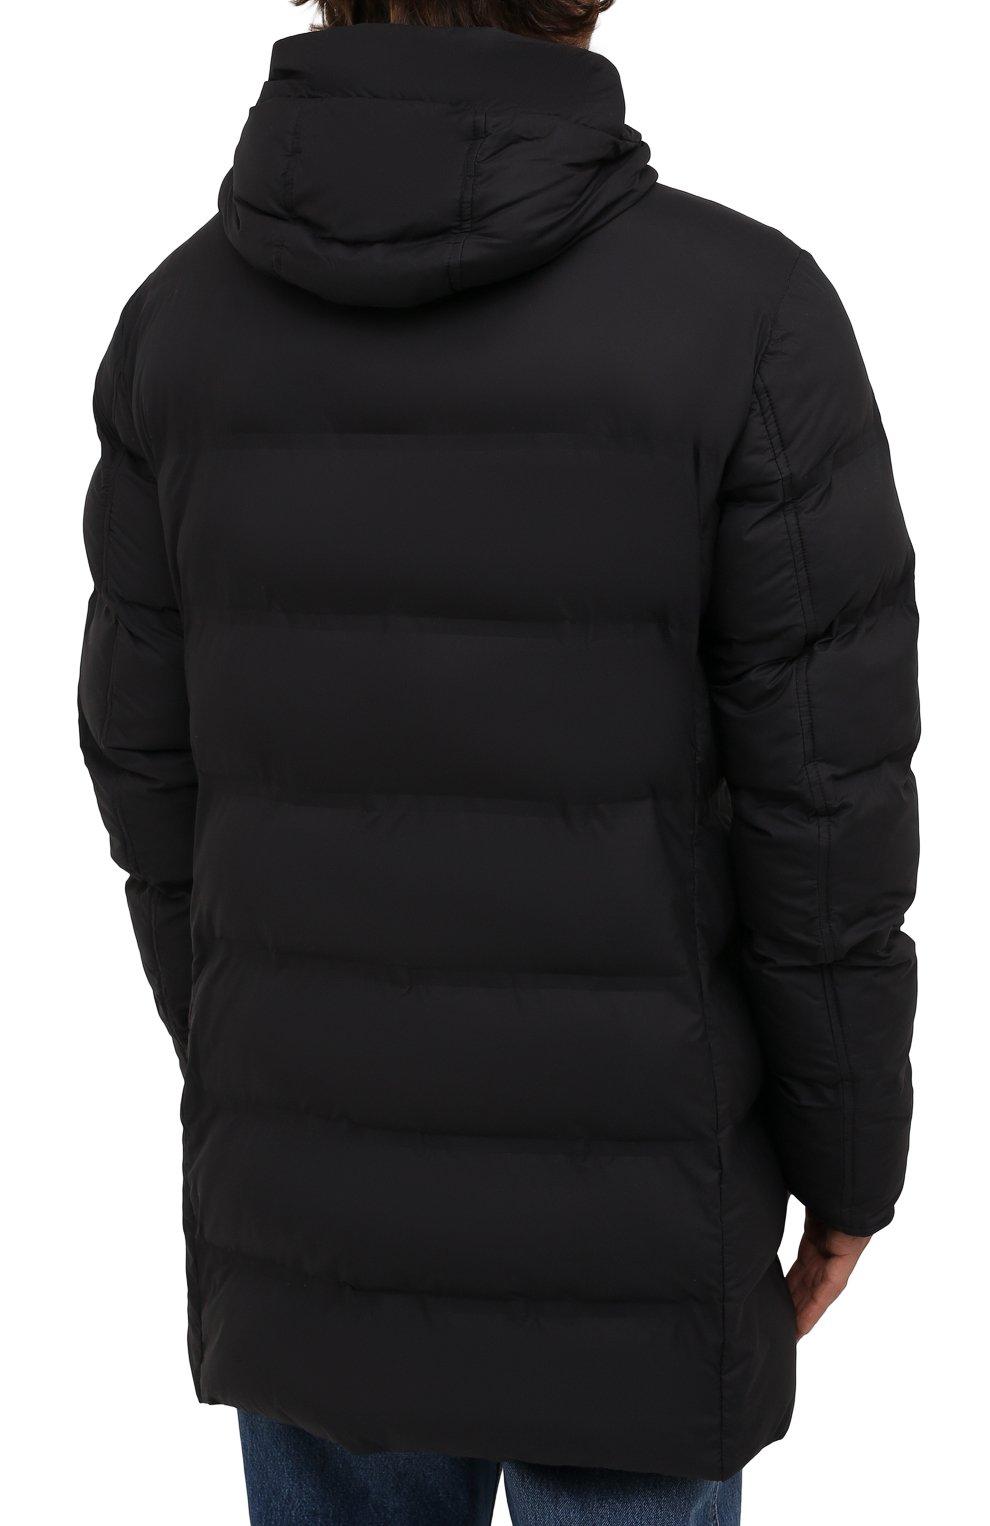 Мужская утепленная куртка KIRED черного цвета, арт. WSUKW7408505000 | Фото 4 (Кросс-КТ: Куртка; Мужское Кросс-КТ: пуховик-короткий; Рукава: Длинные; Длина (верхняя одежда): До середины бедра; Материал внешний: Синтетический материал; Материал подклада: Синтетический материал; Стили: Кэжуэл)